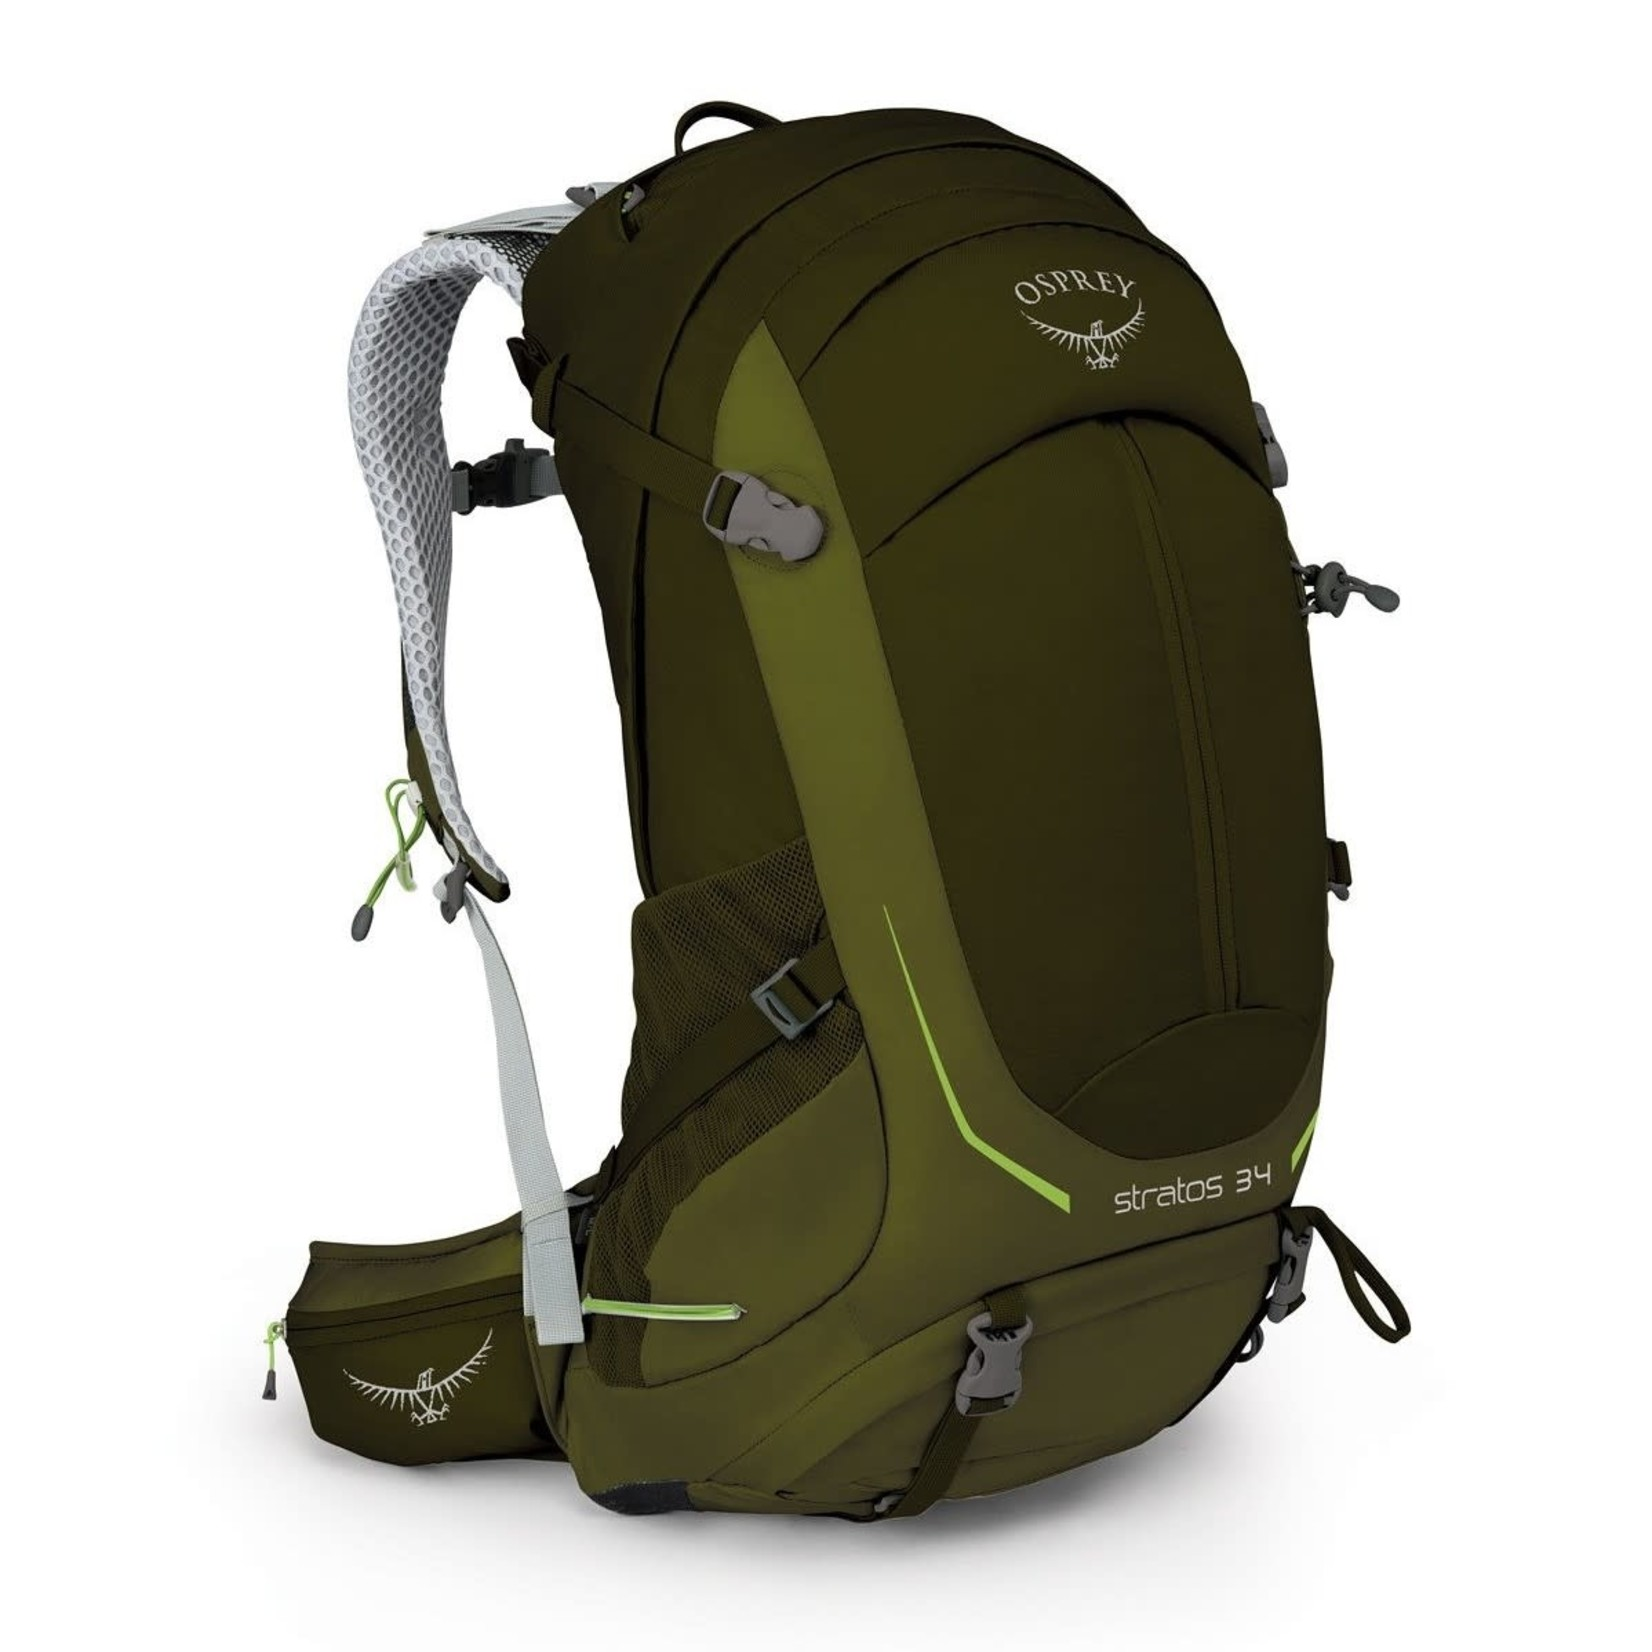 Osprey Sac à dos de randonnée Osprey Stratos 34